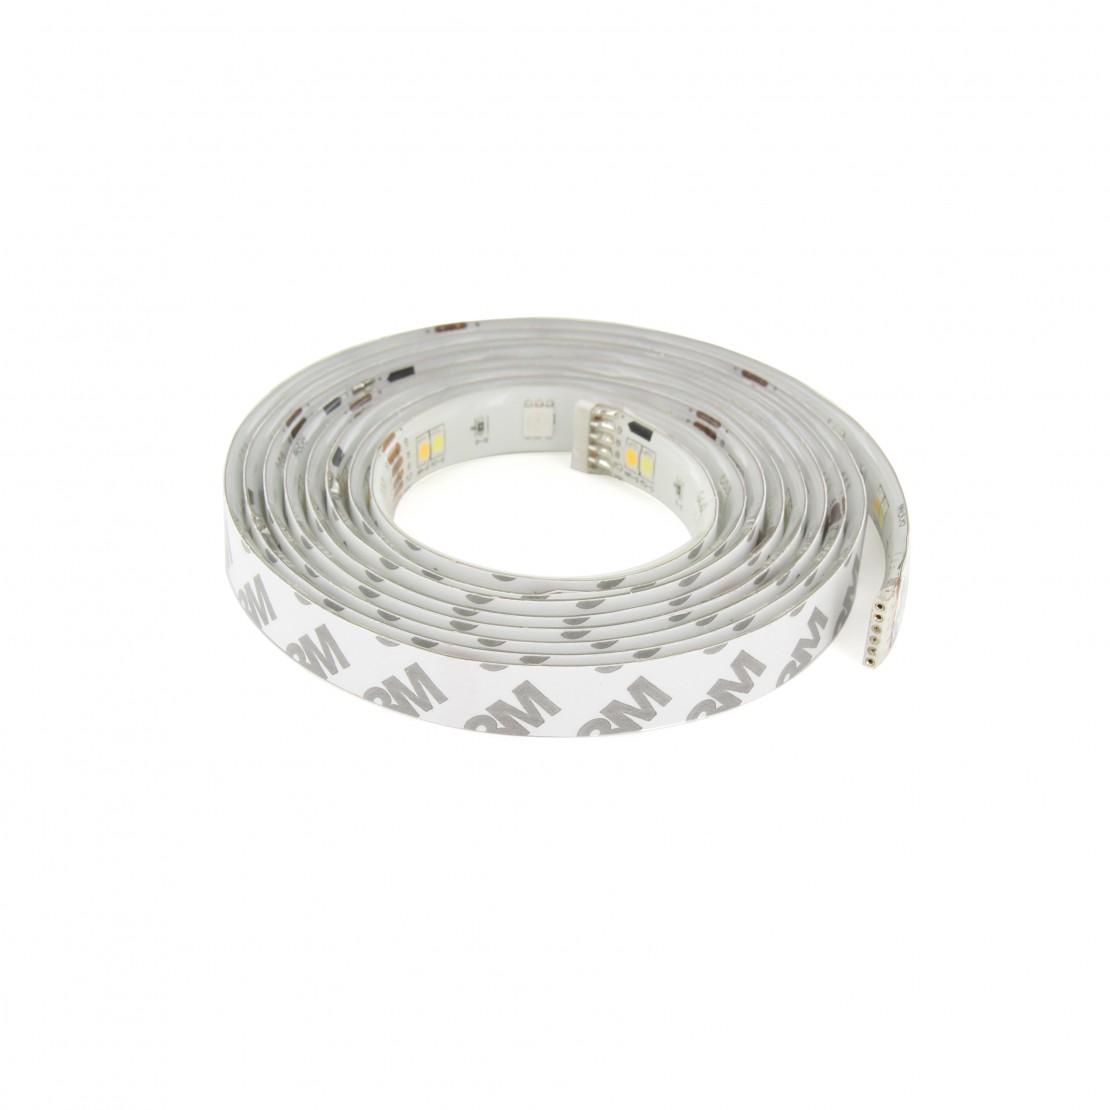 StripLED - smartledstrip, Bluetooth